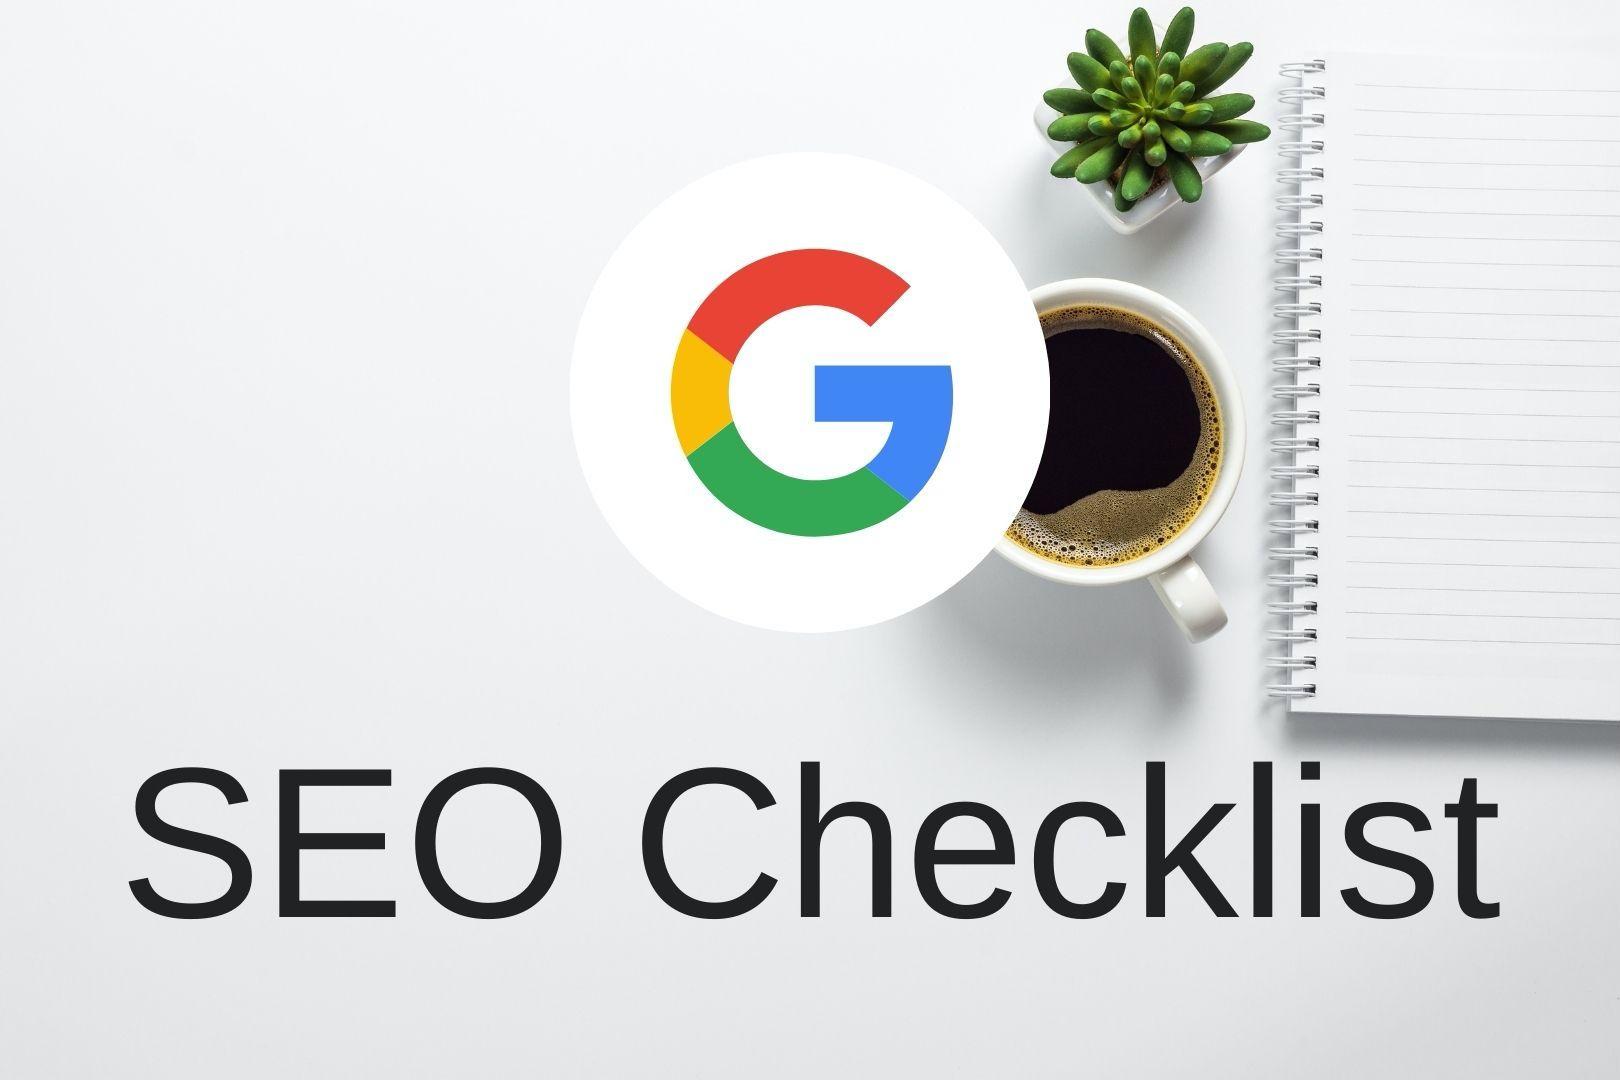 چک لیست سئو | هر آن چه که برای رسیدن به صفحه اول نتایج گوگل نیاز دارید